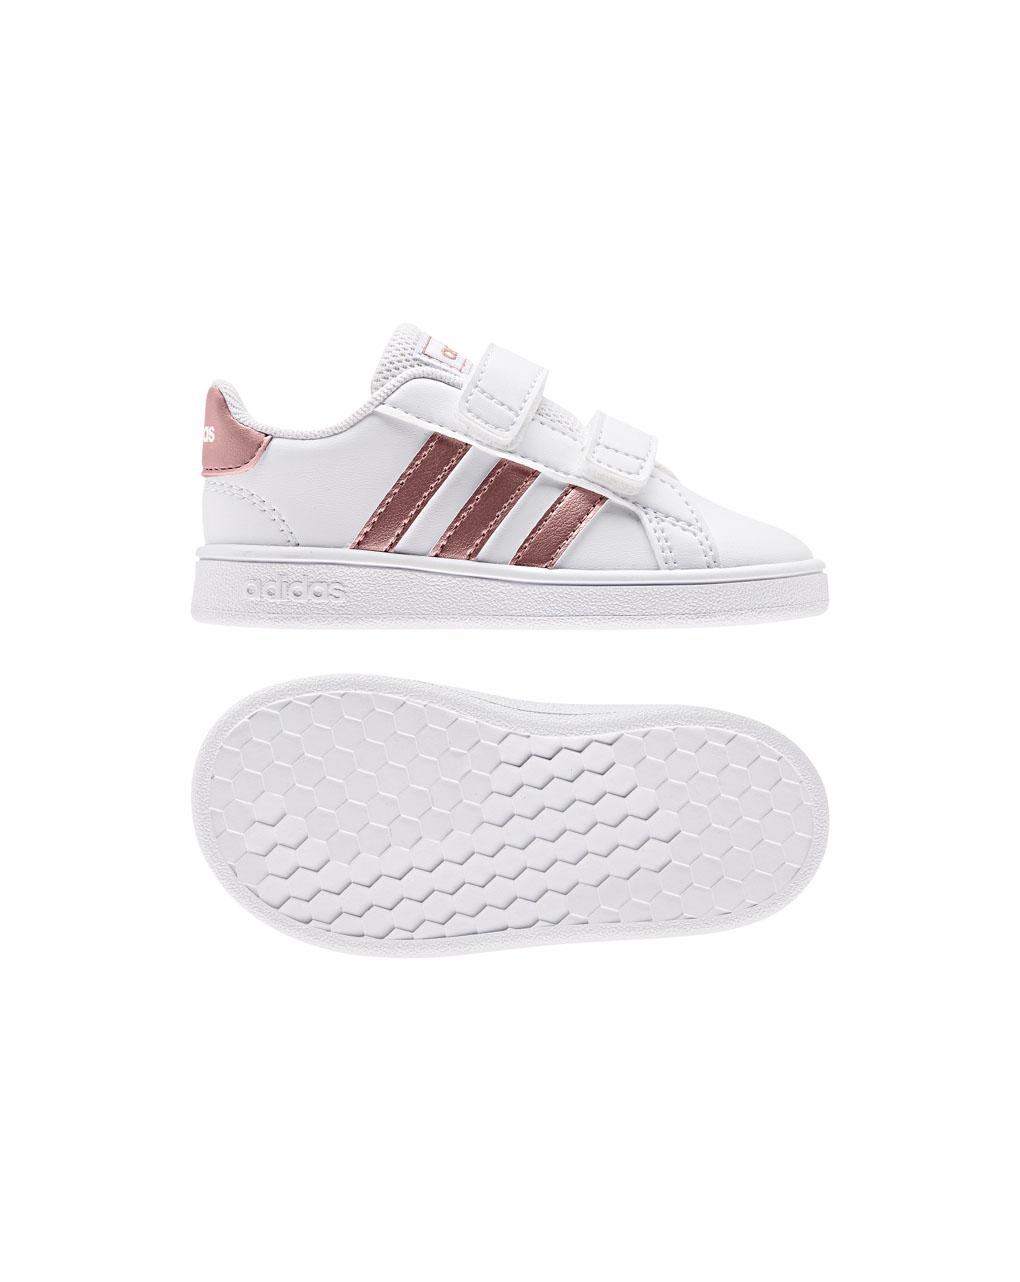 Αθλητικά Παπούτσια Adidas Grand Court I EF0116 για Κορίτσι